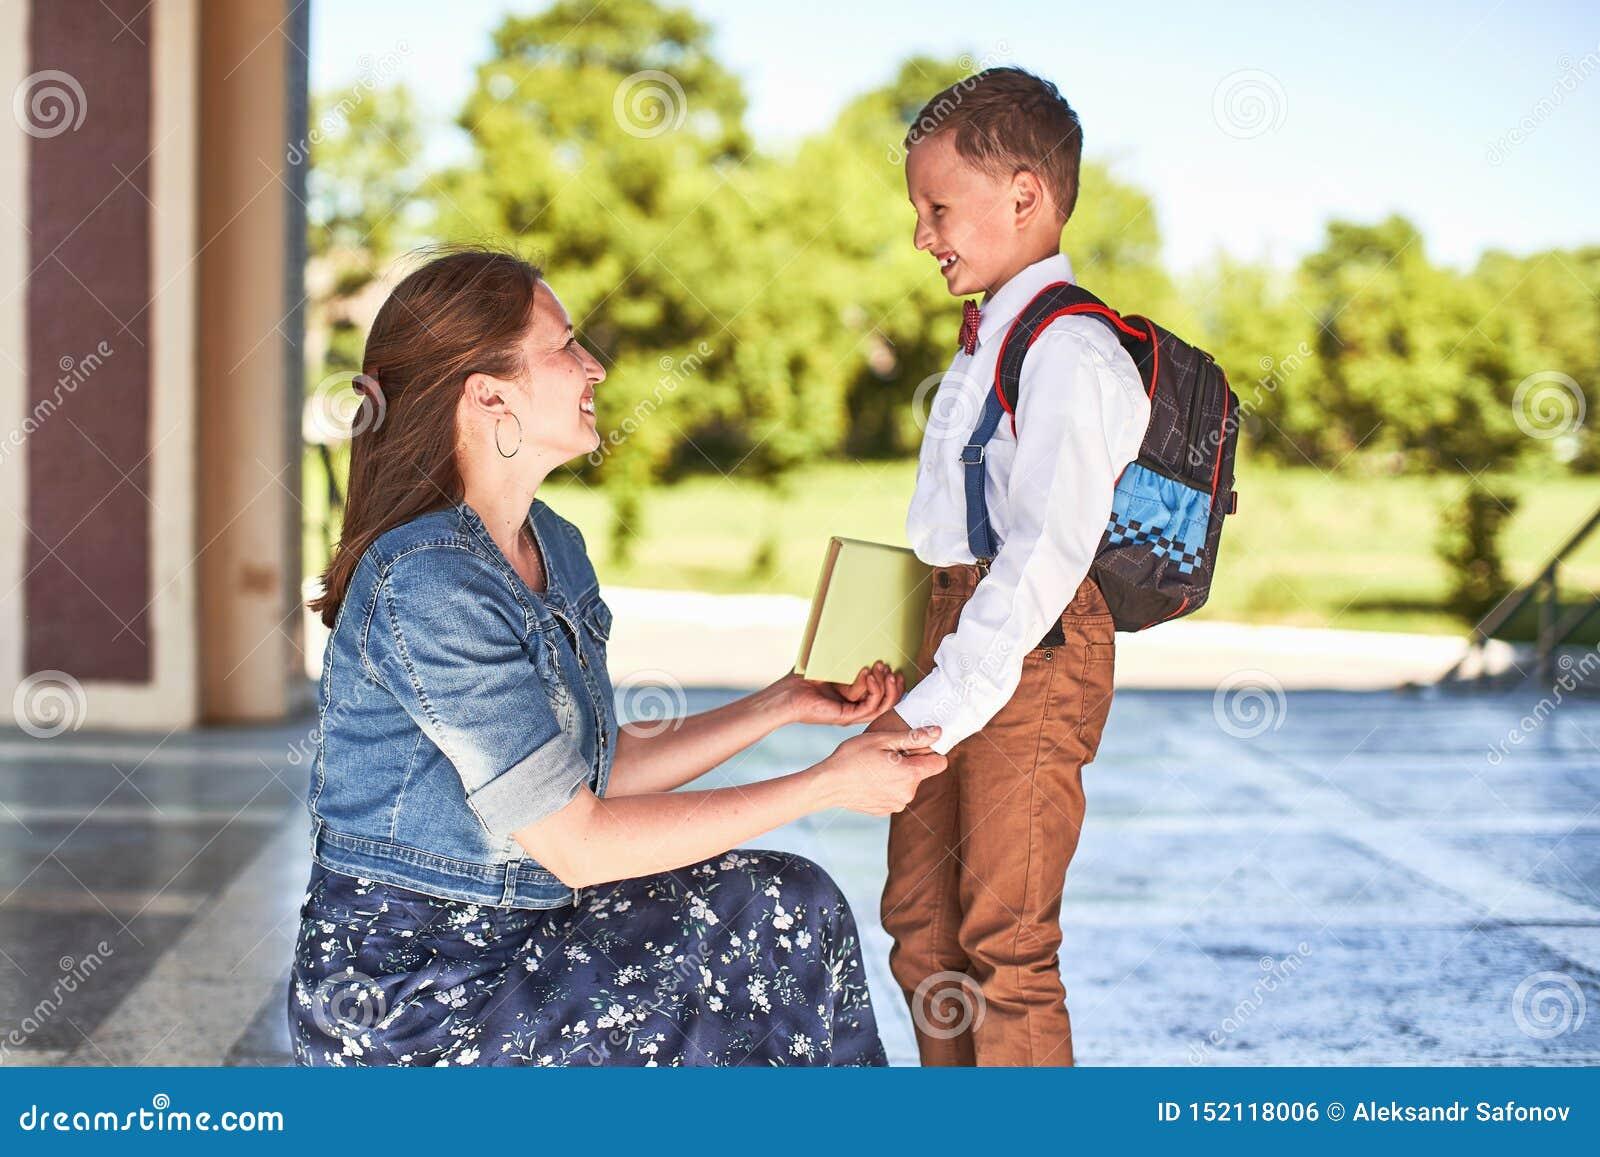 De moeder begeleidt het kind aan school het mamma moedigt student aan die hem begeleiden aan school een gevende moeder bekijkt te